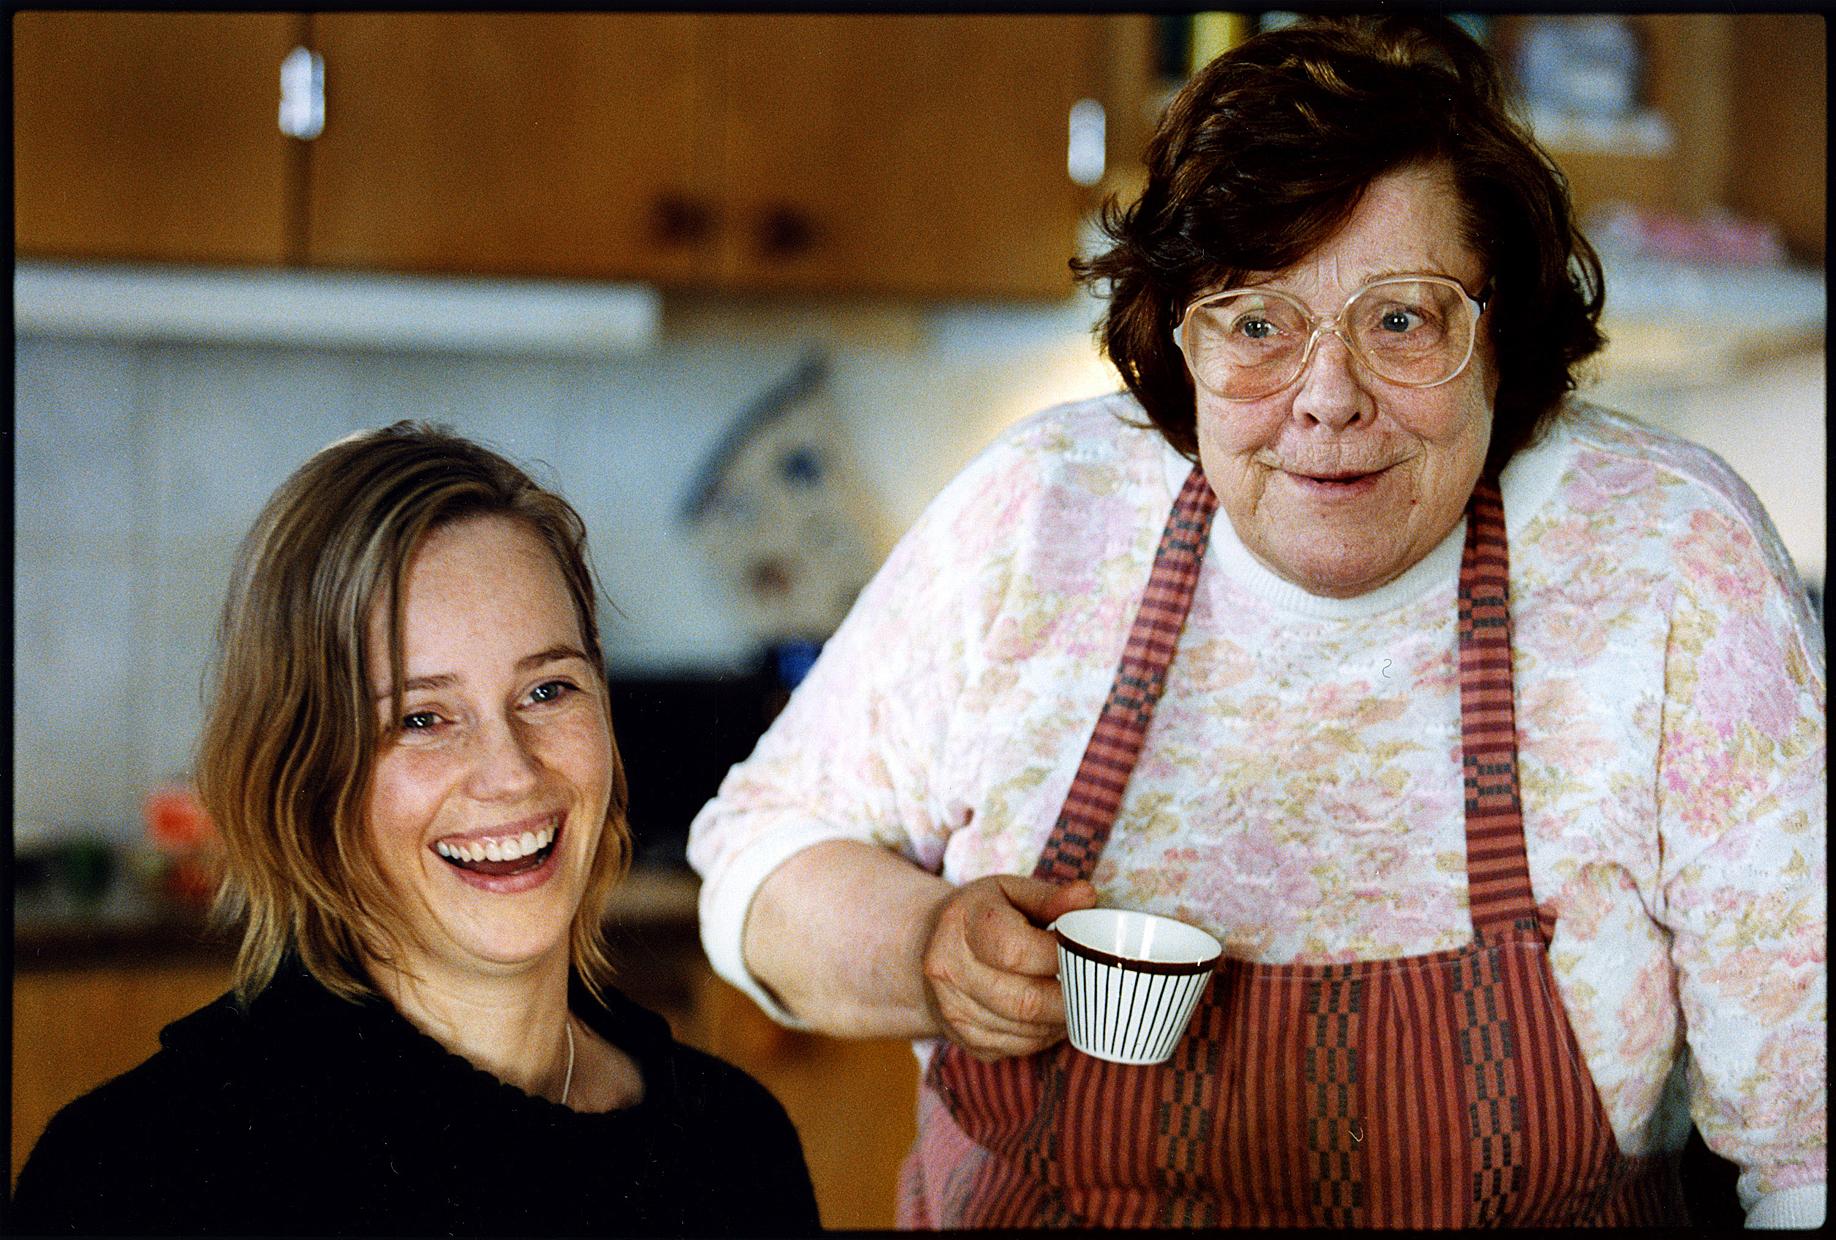 Sofia Helin and Inga Ålenius in Masjävlar (2004)